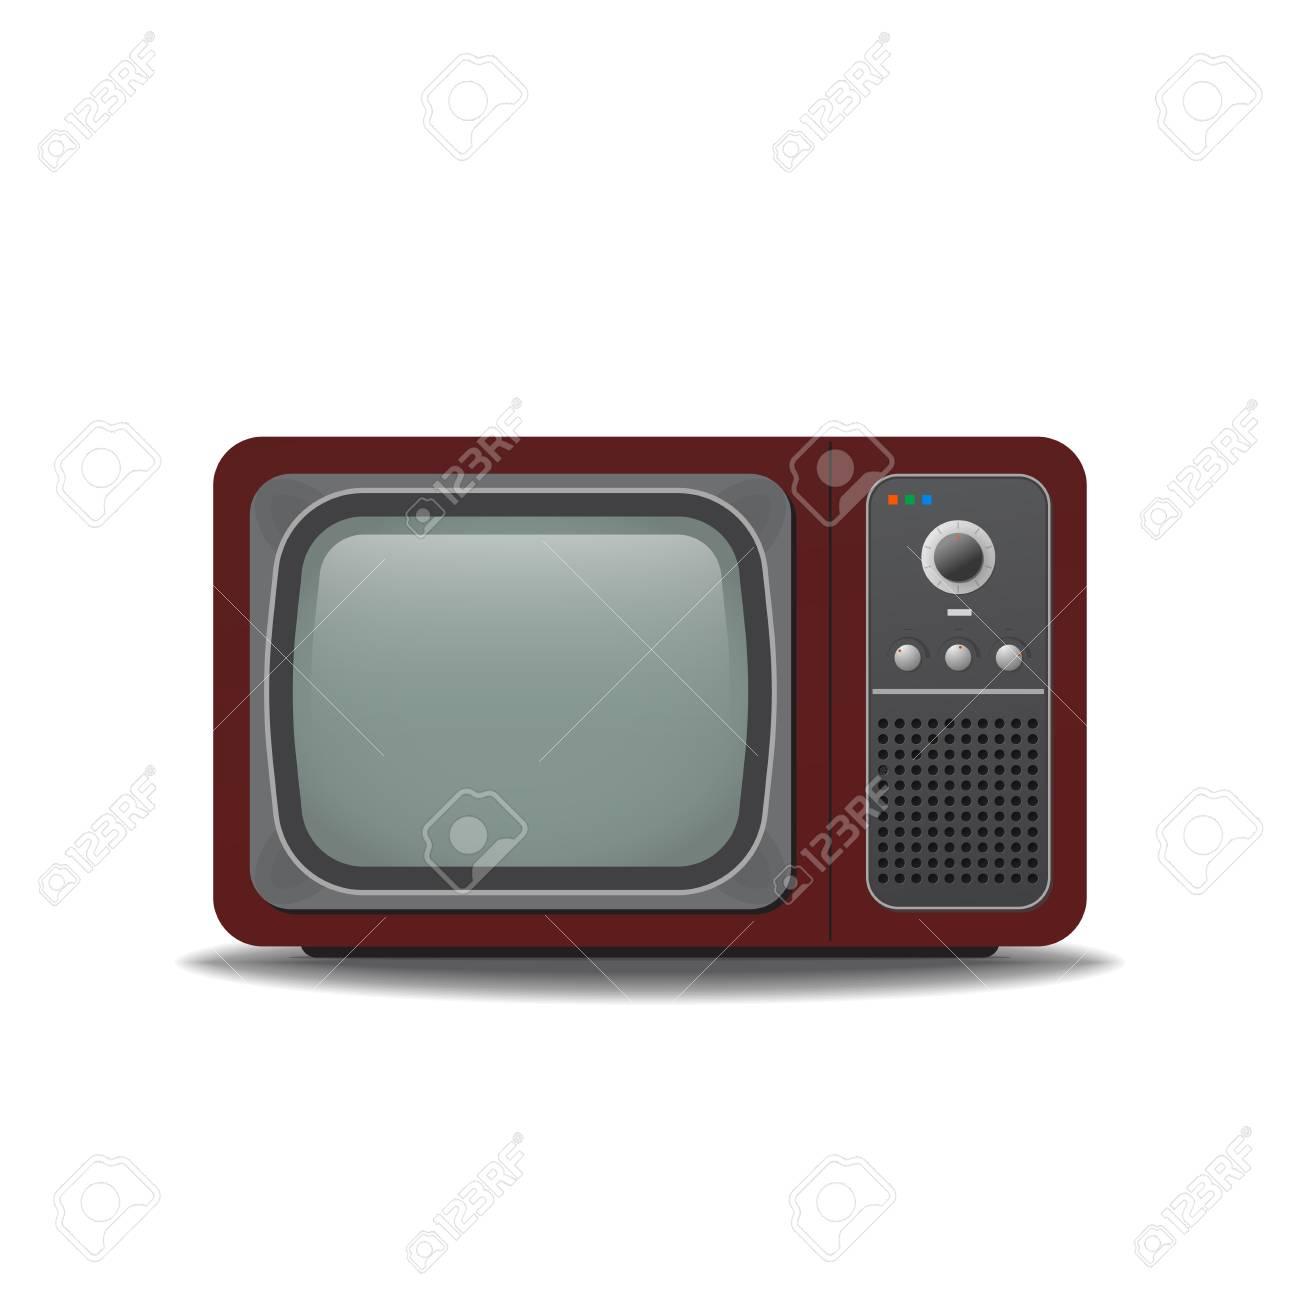 Old vintage TV.